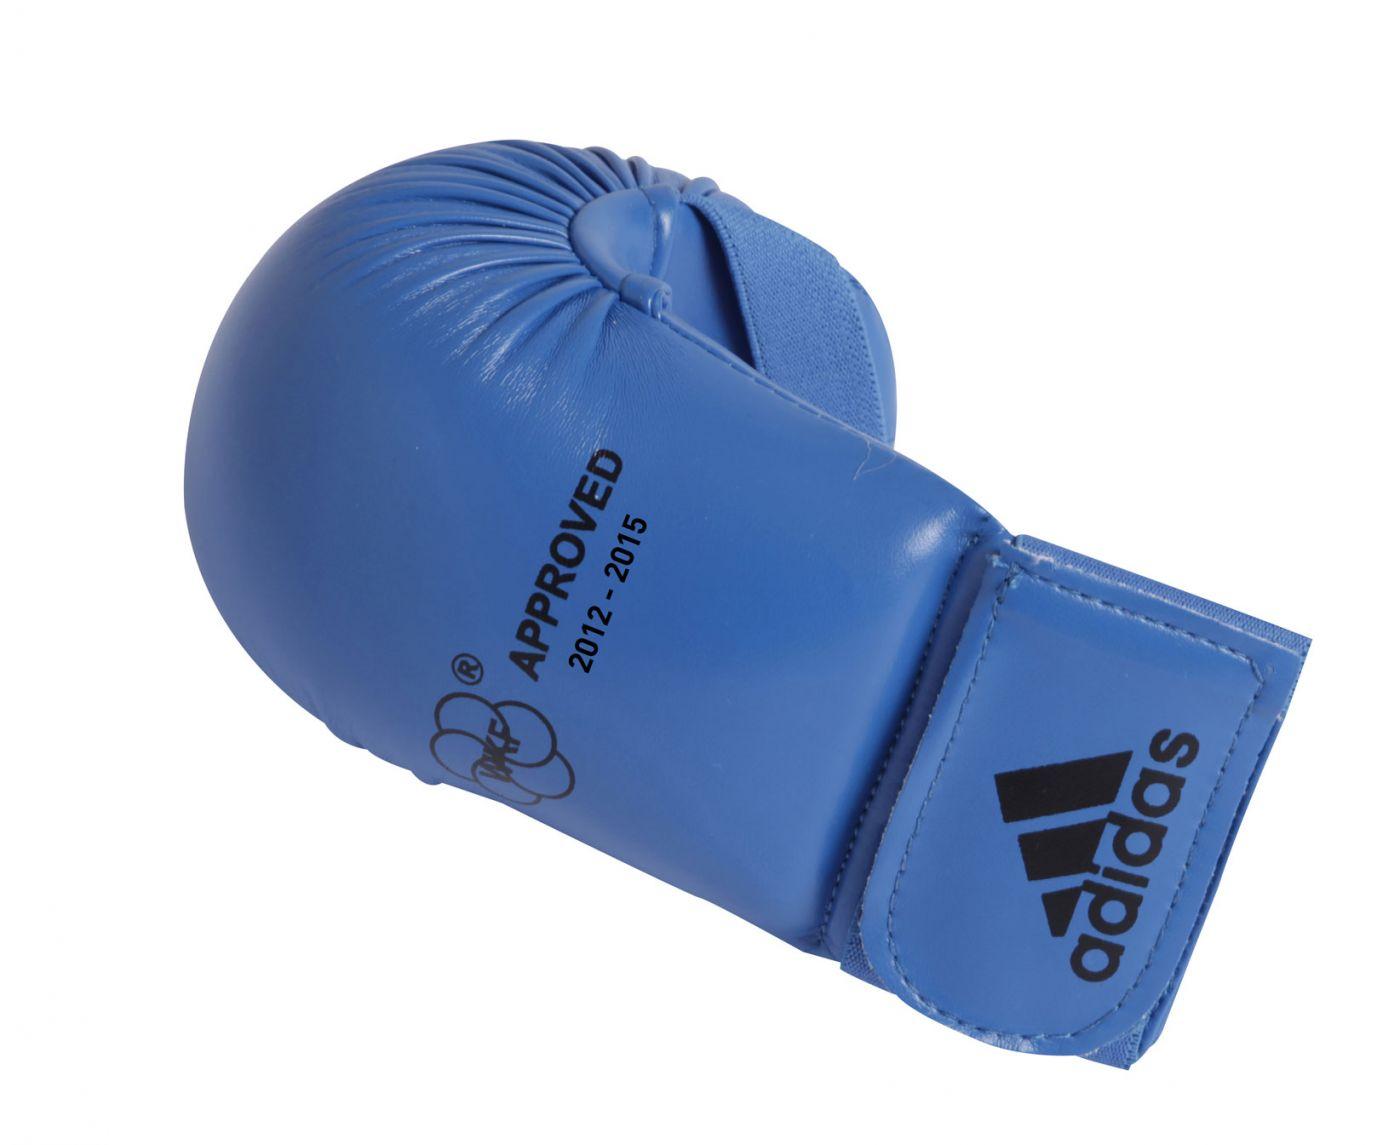 Накладки для карате WKF Bigger синие, размер S, артикул 661.22